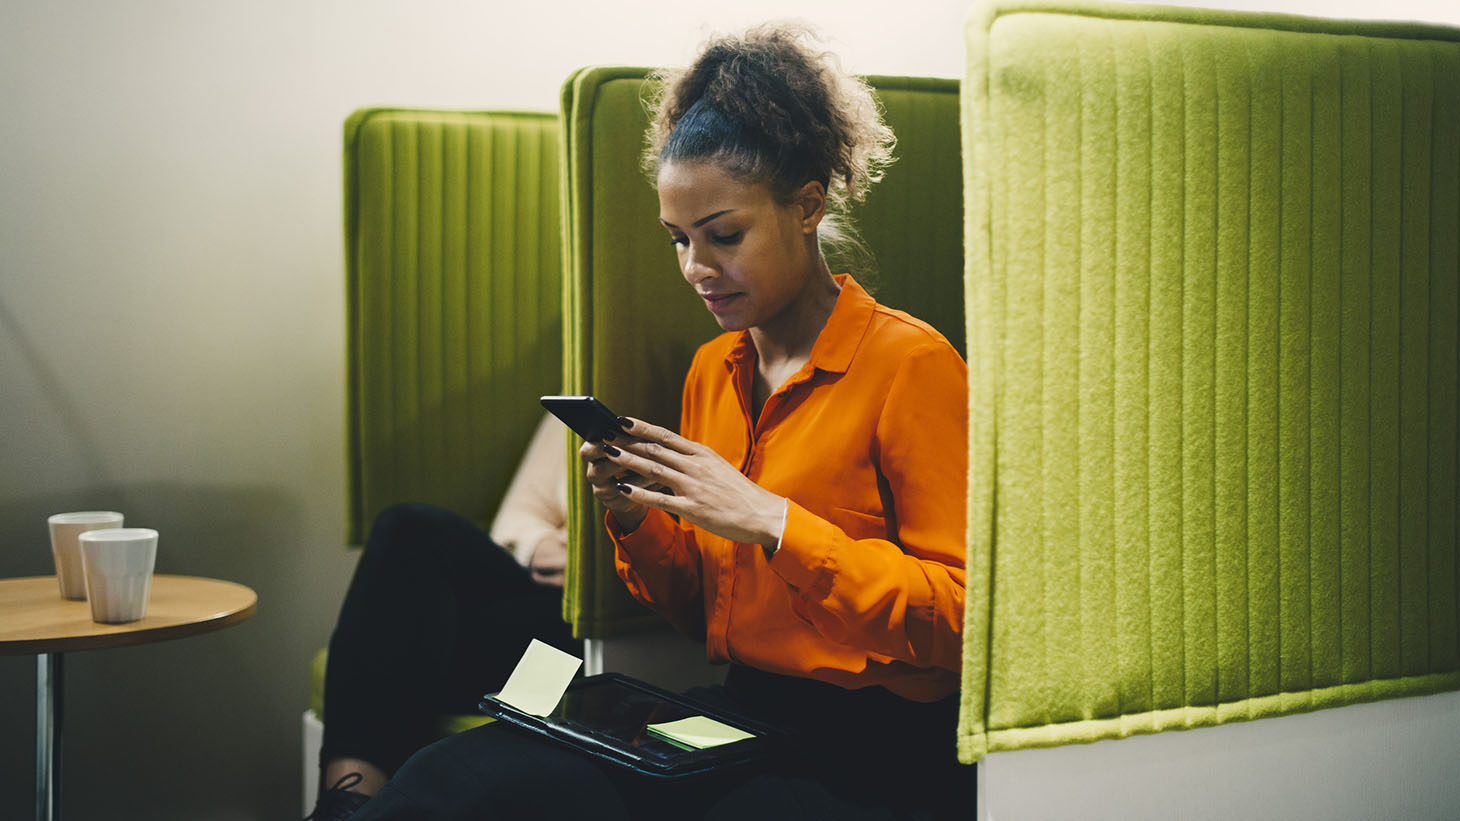 Pensionssammanställning i mobilen